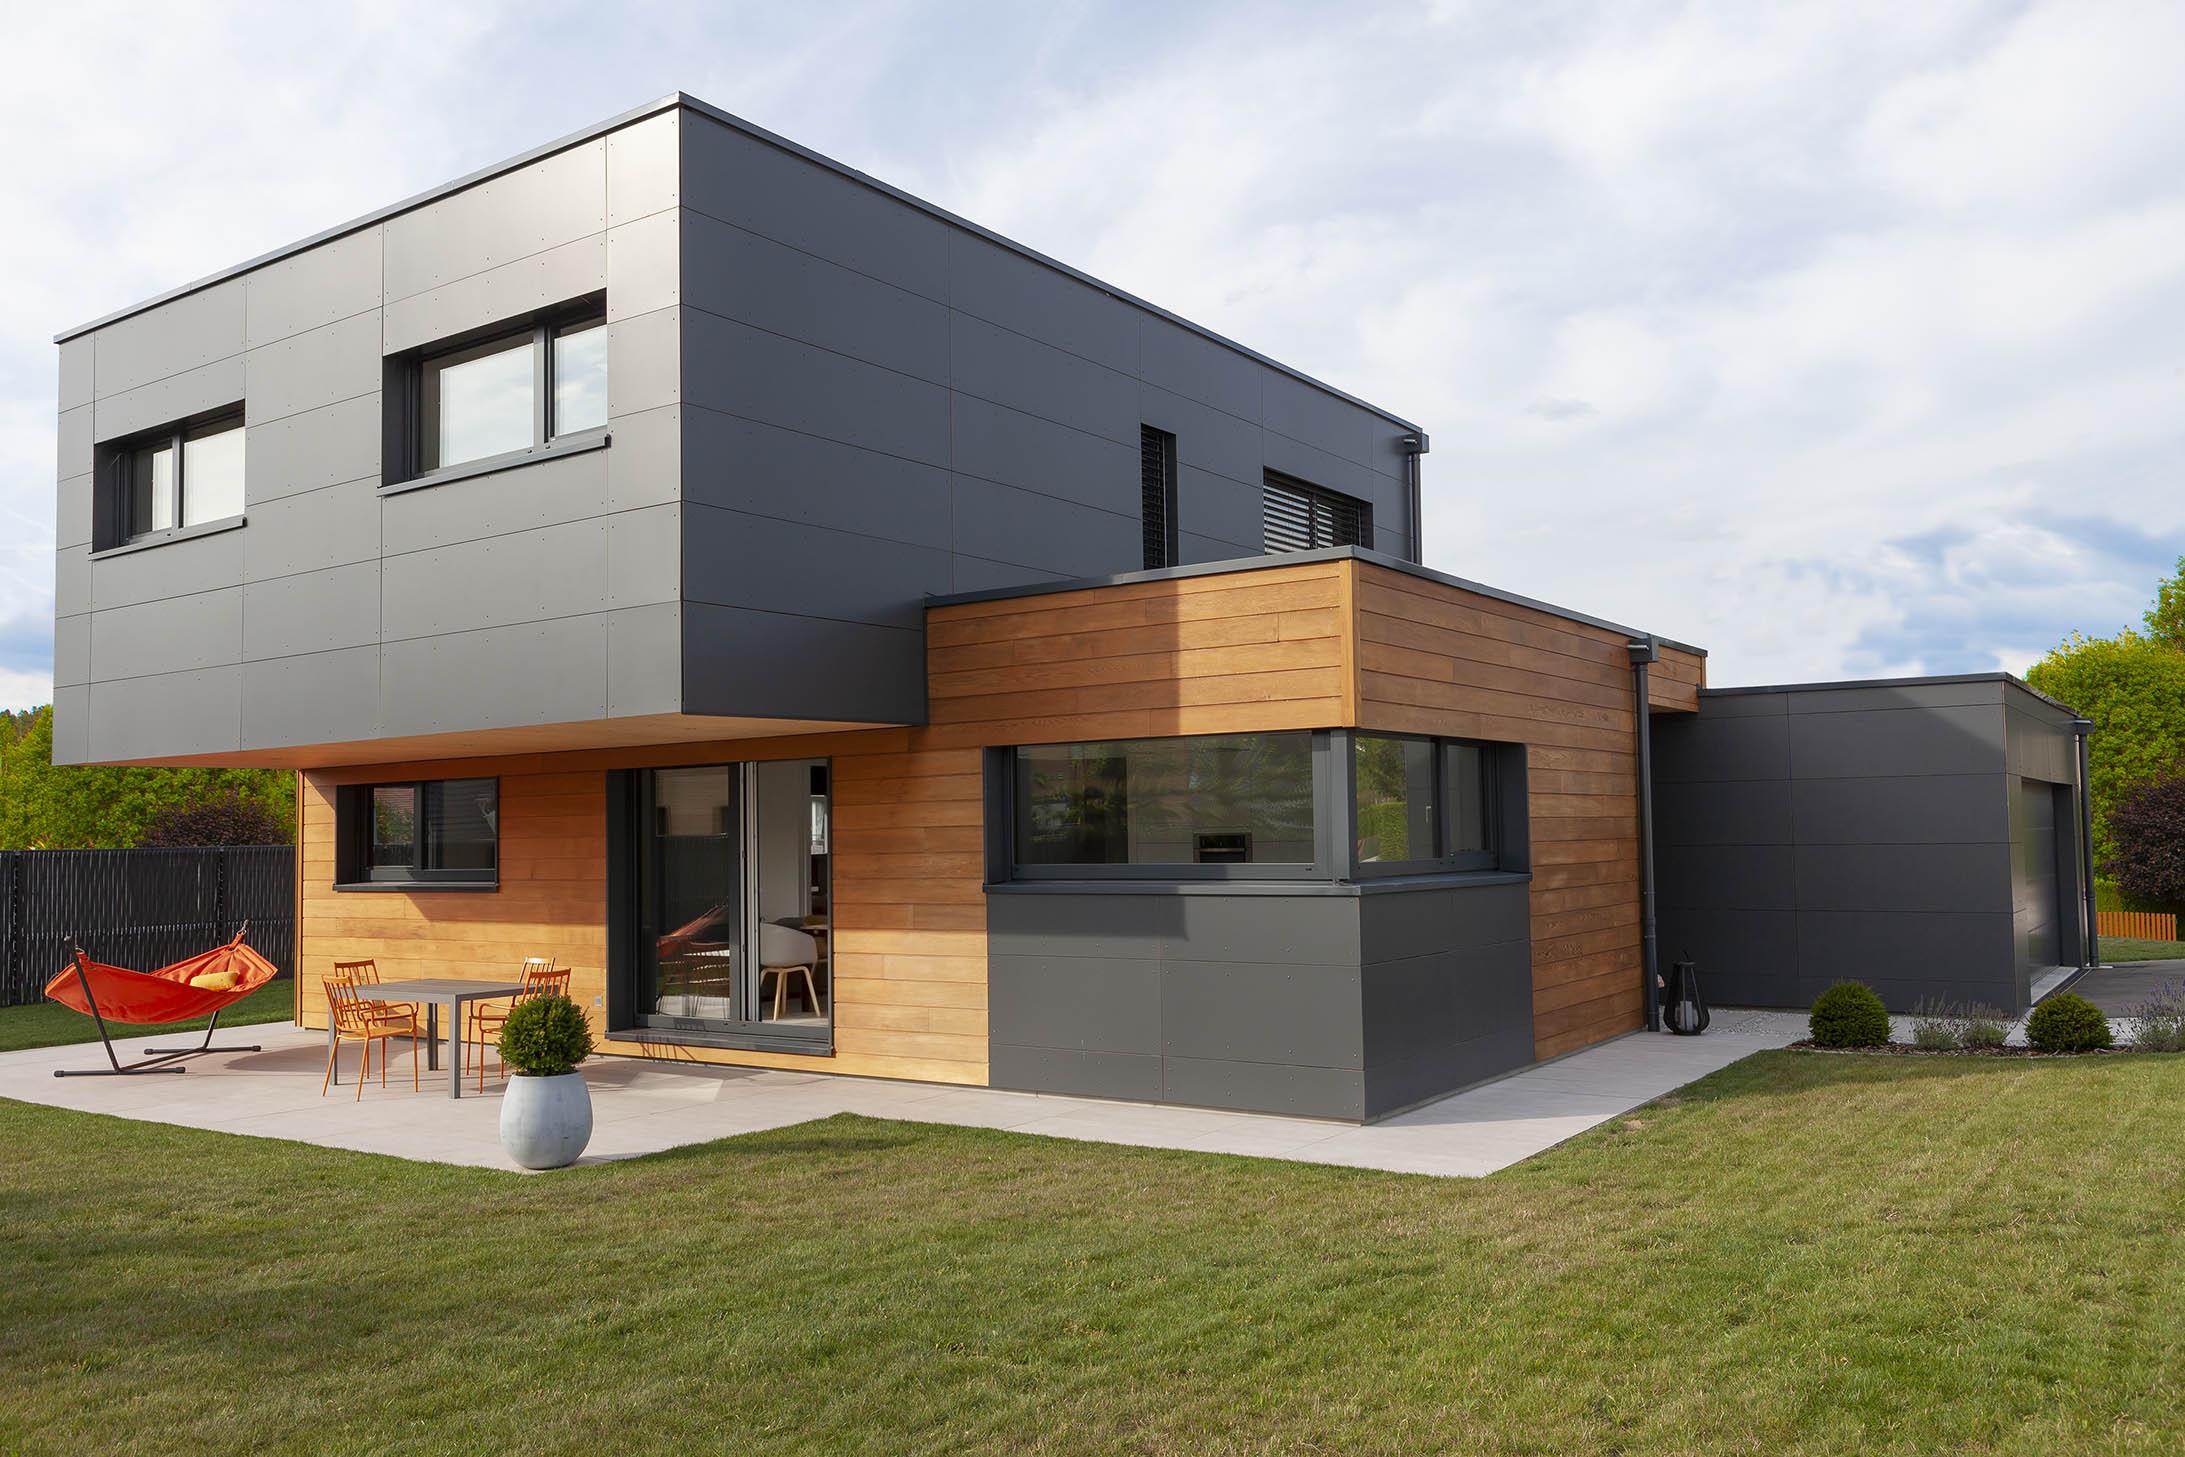 Maison Contemporaine Toit Terrasse maison contemporaine en toit plat